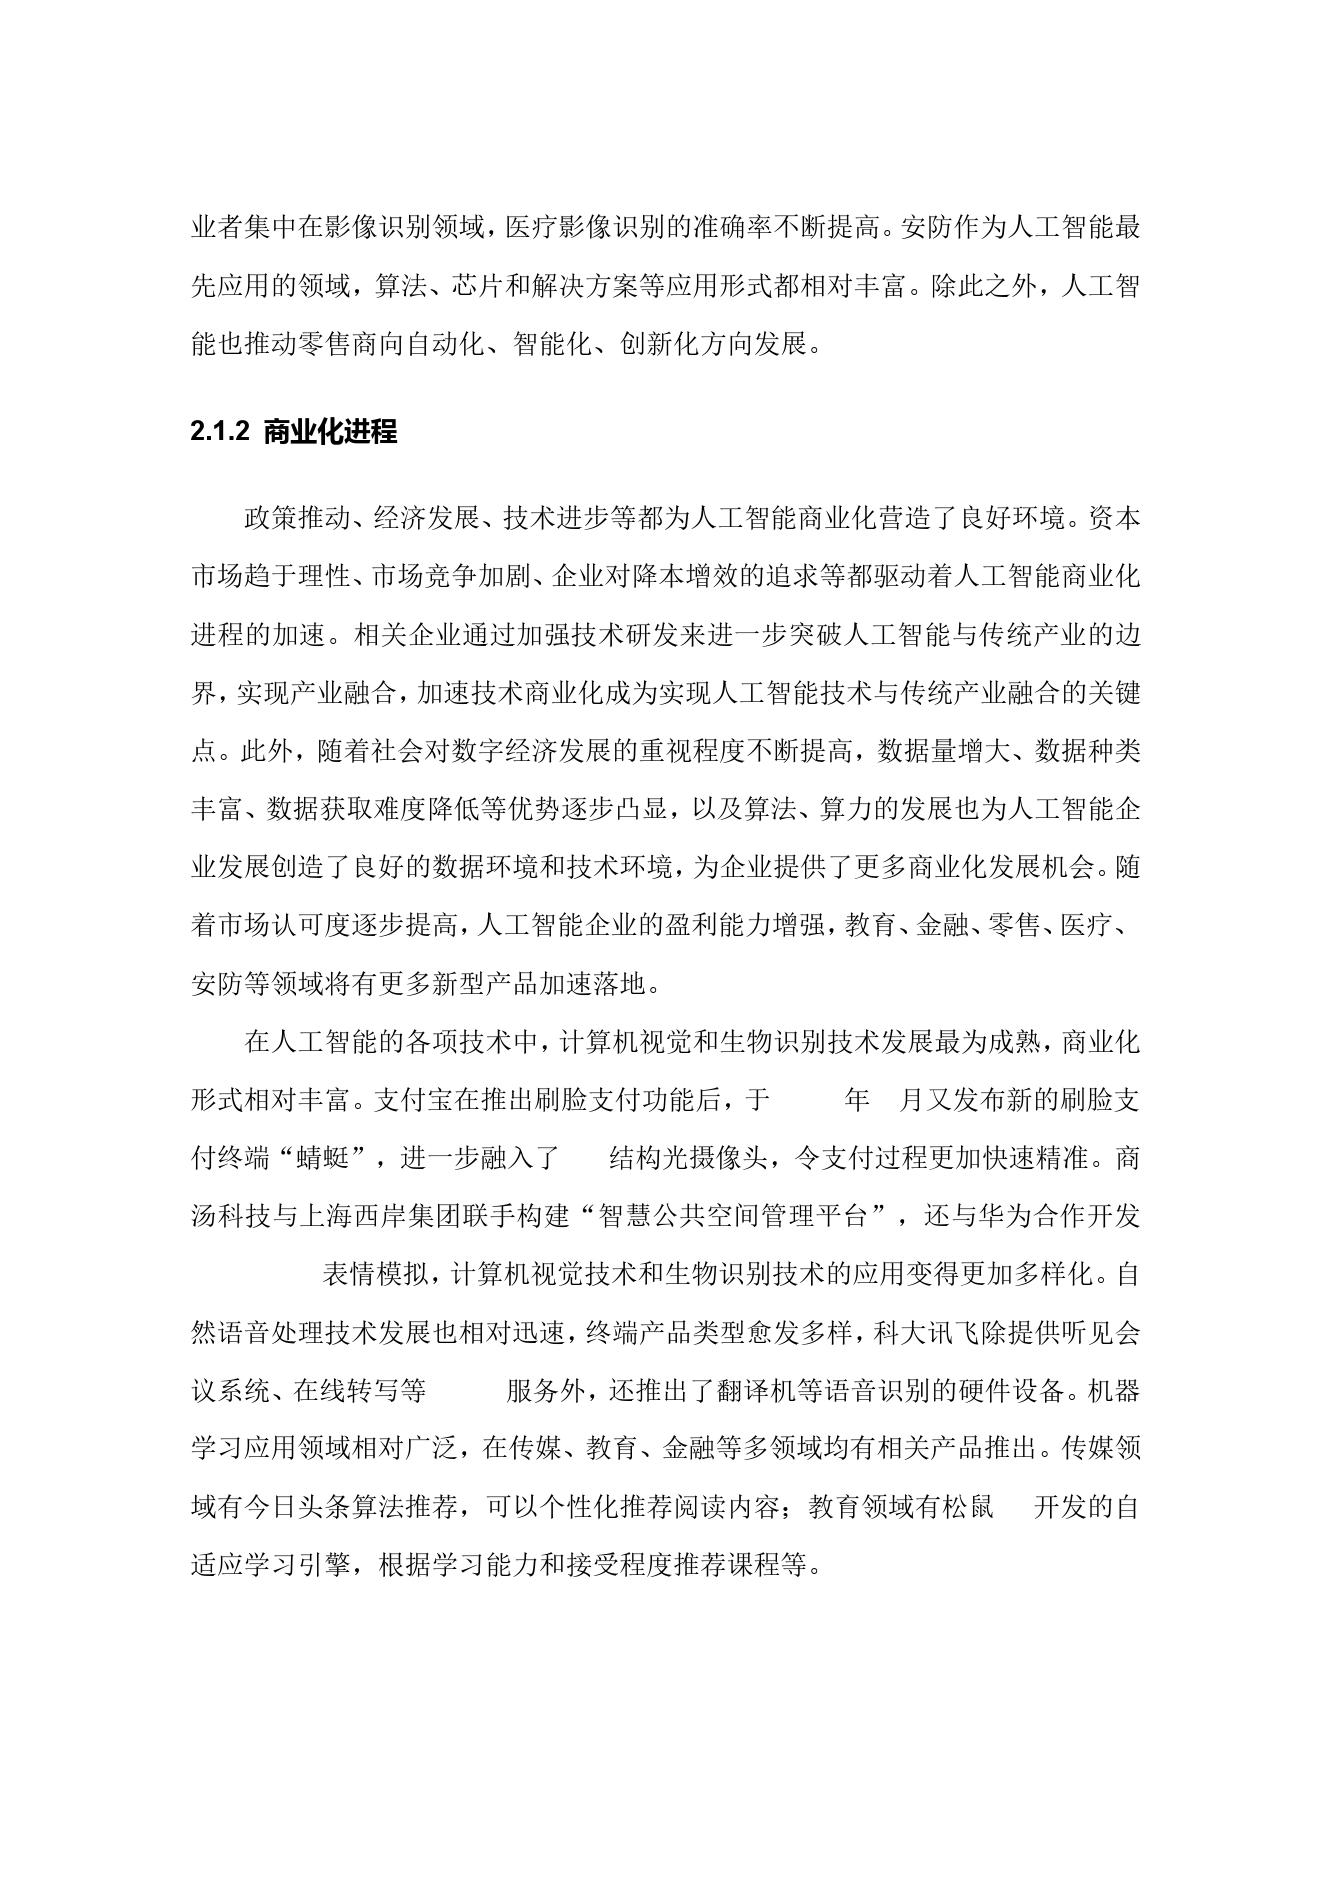 36氪研究院:2020年中国城市人工智能发展指数报告(可下载报告)插图(23)